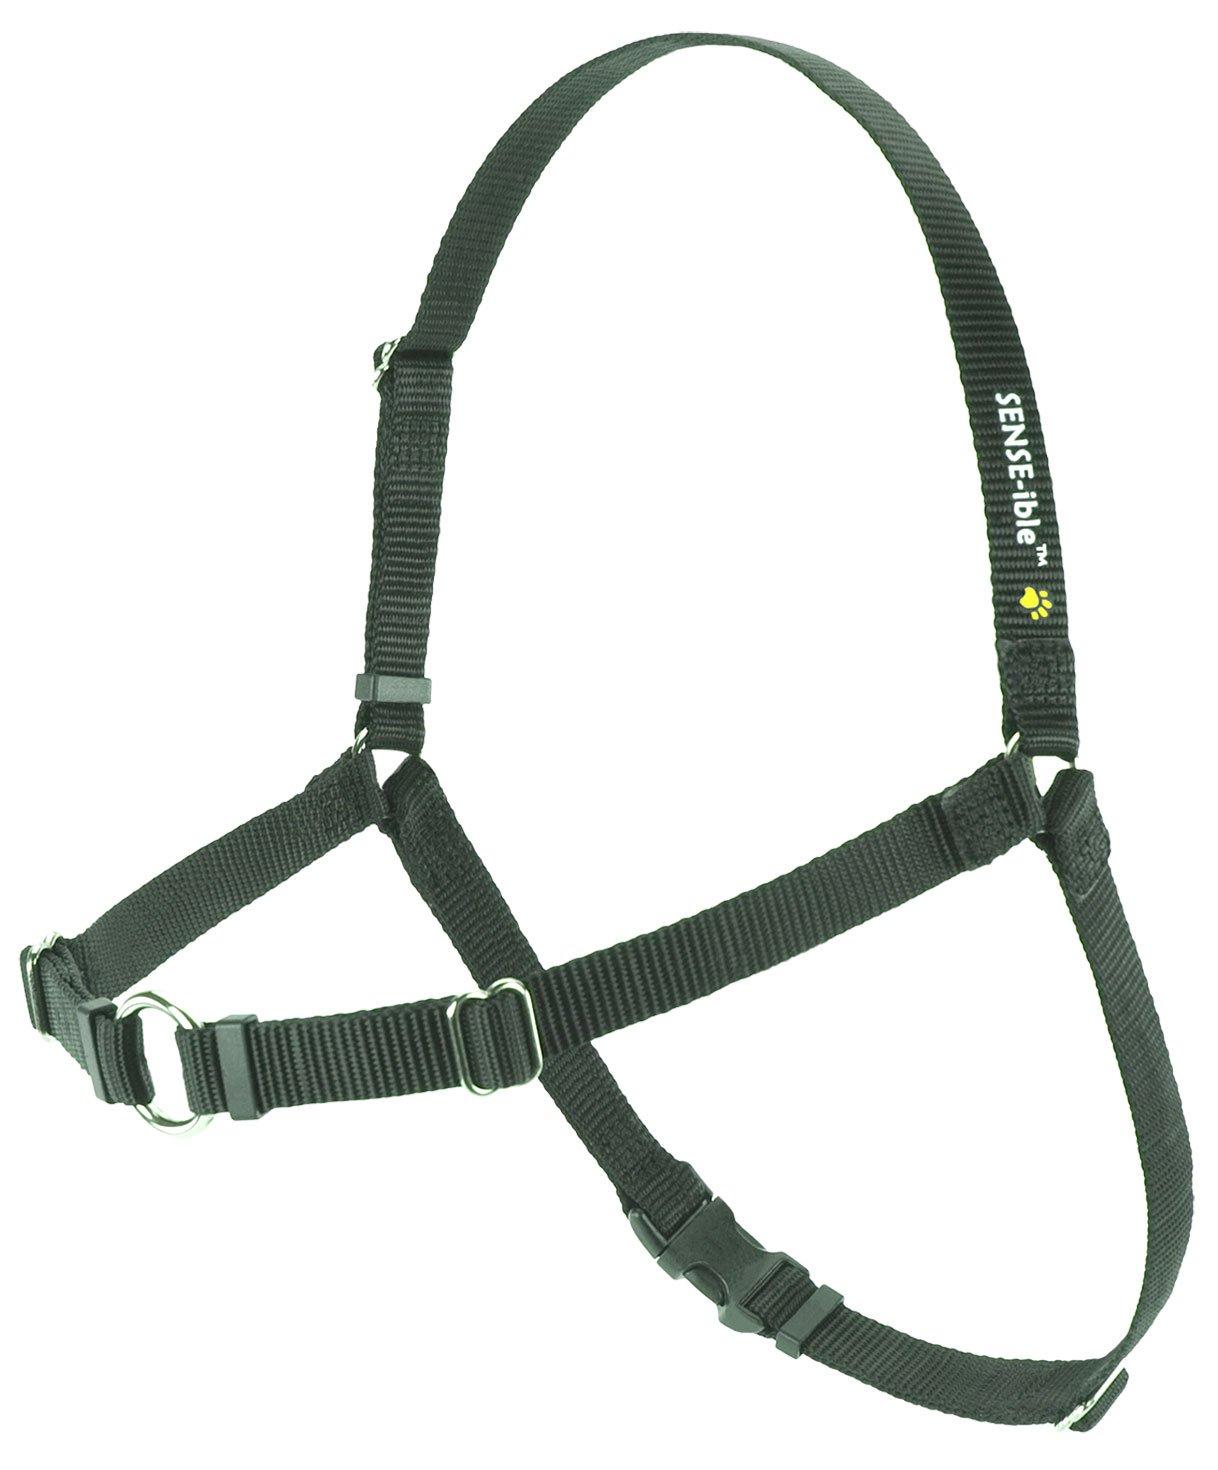 (Large Narrow, Black) Sense-ible No-Pull Dog Harness